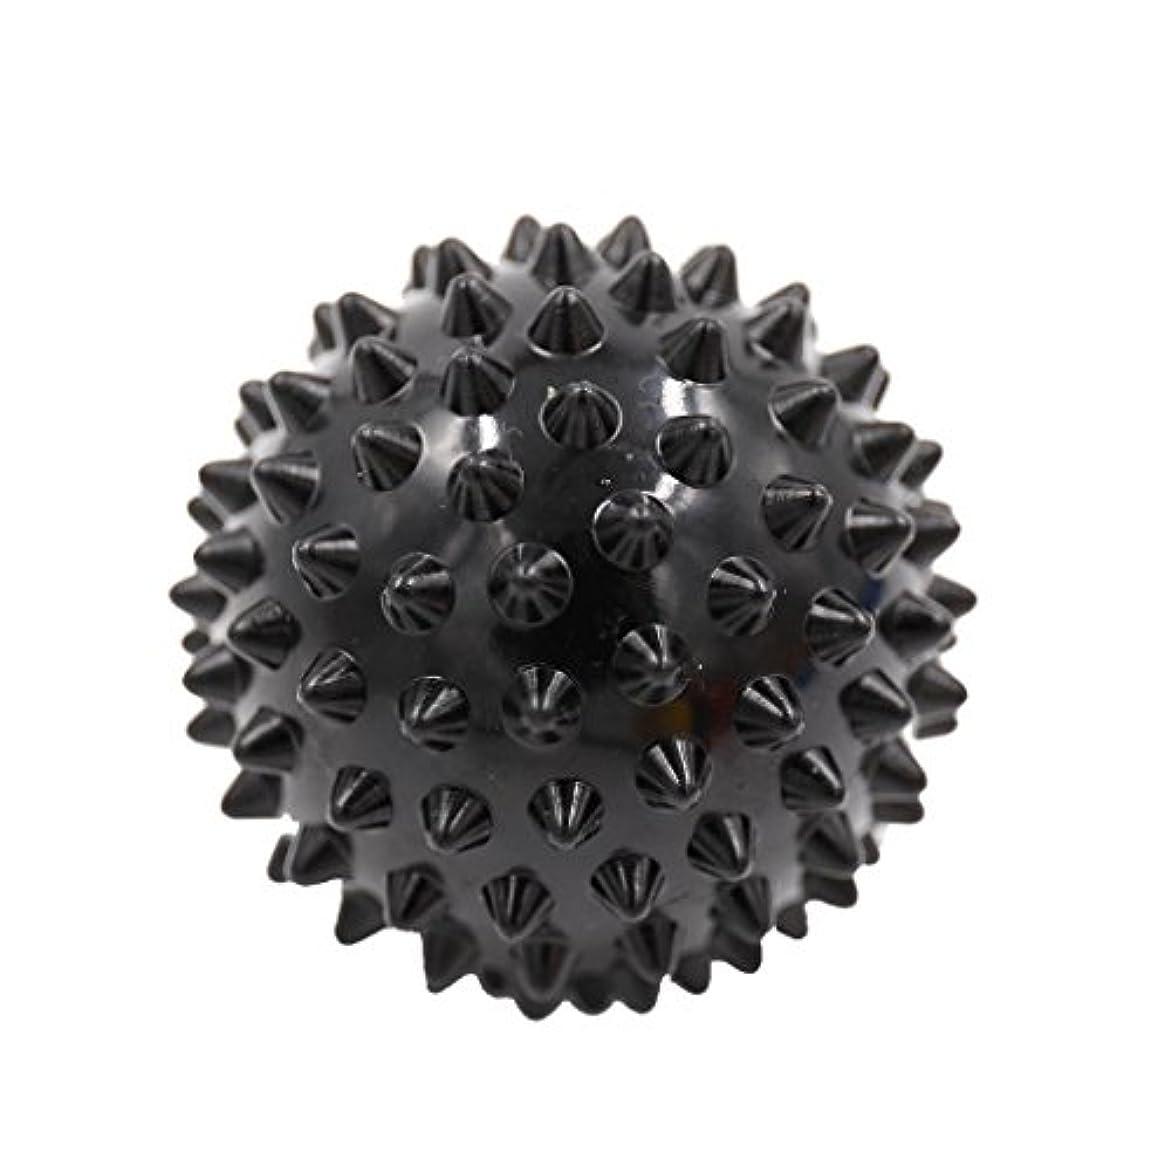 活発スペシャリスト銀Perfk マッサージボール マッサージ器 ボディ レリーフ  スパイク マッサージ 刺激ボール 3色選べ - ブラック